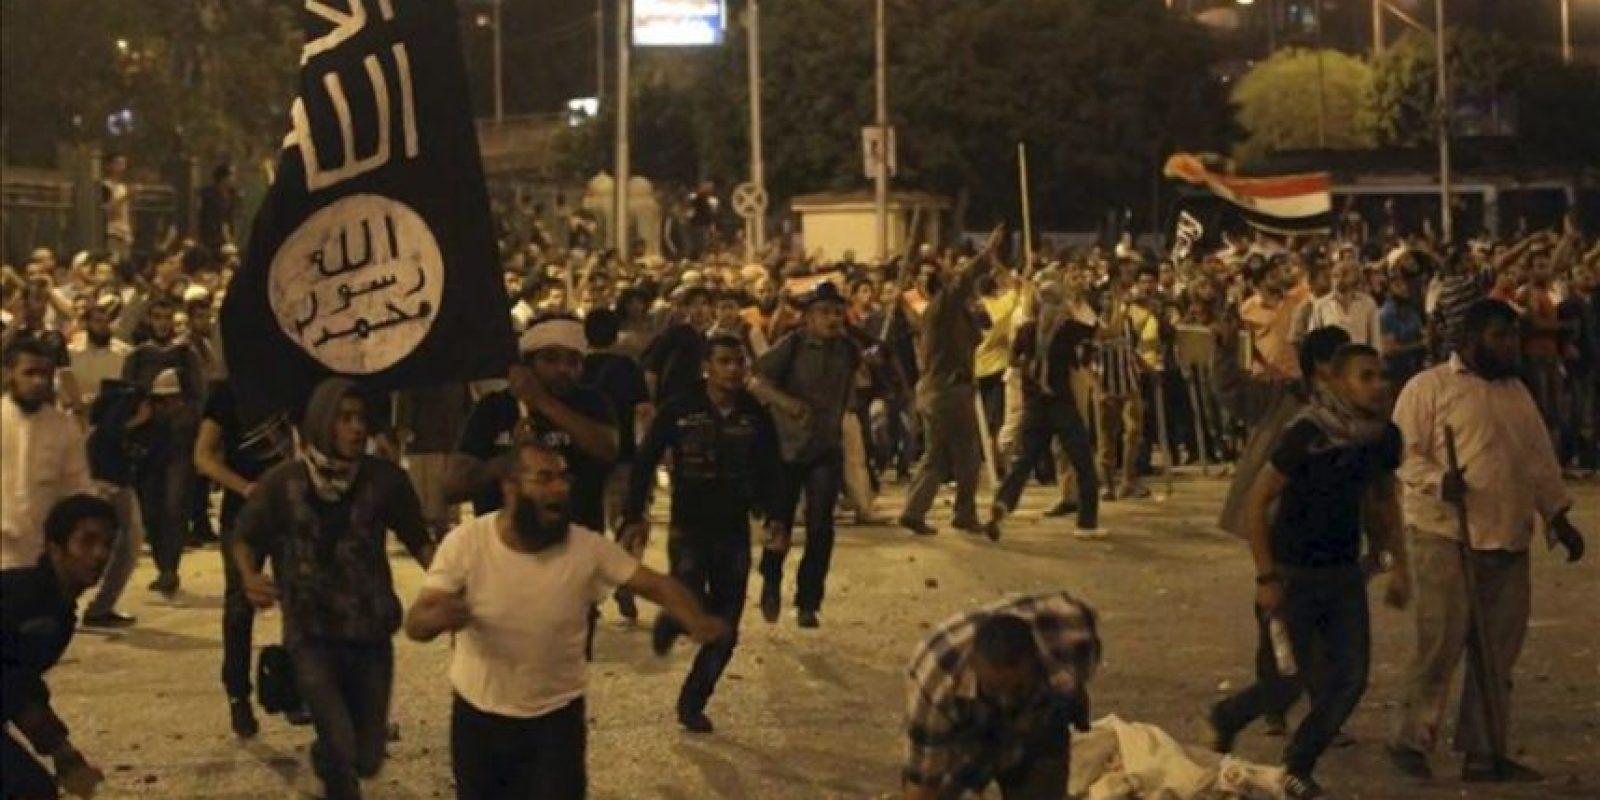 Fotografía facilitada hoy, domingo, 29 de abril de 2012, que muestra a manifestantes durante una protesta ante el Ministerio de Defensa en El Cairo (Egipto) ayer, sábado, 28 de abril de 2012. EFE